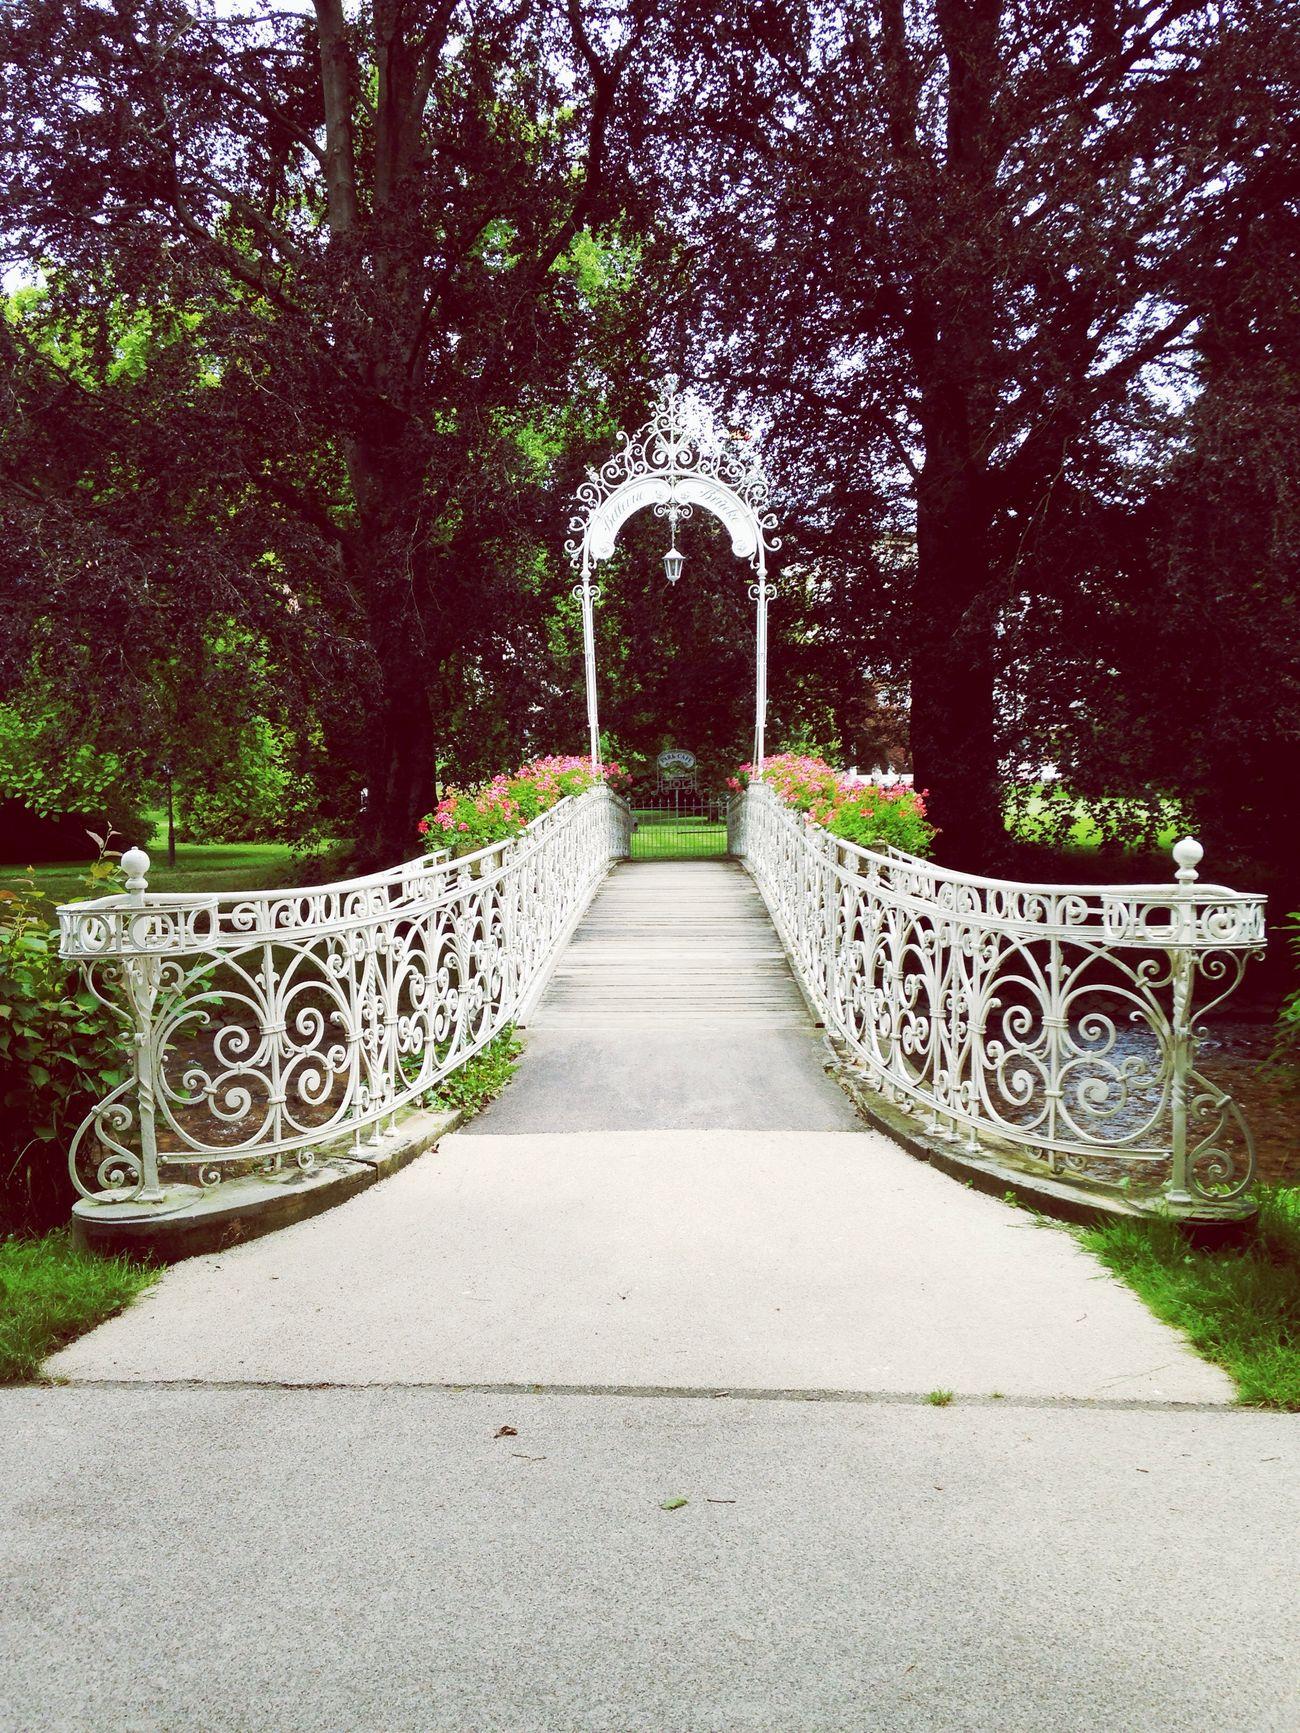 Entrance to mary poppins world Bridge Marypoppins